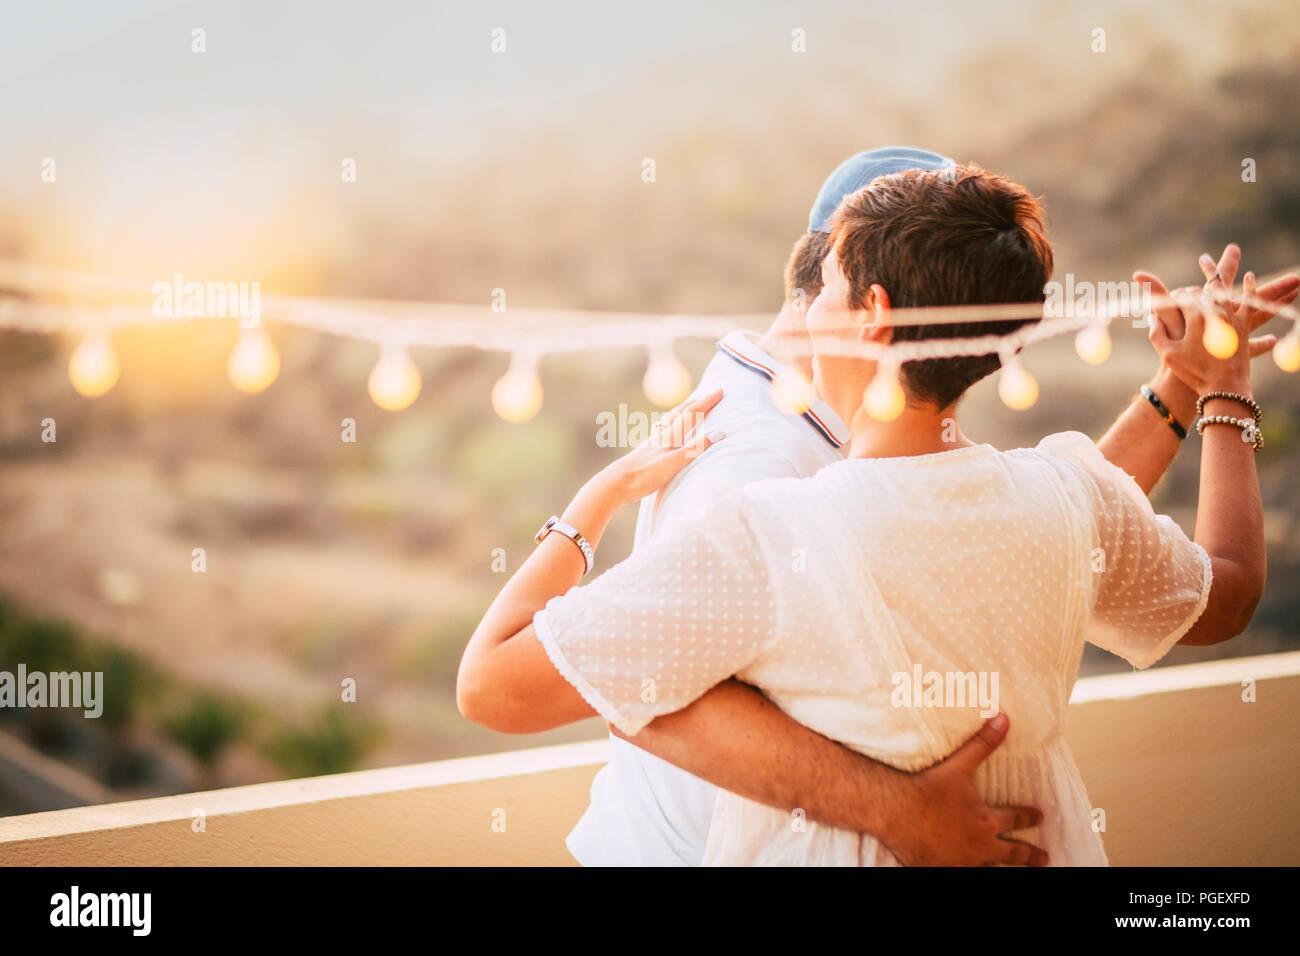 Schönes Paar tanzen auf der Terrasse auf dem Dach mit natürlichen Blick. Liebe und dating Konzept für Menschen zusammen in romantische Freizeitbeschäftigung mit l Stockbild